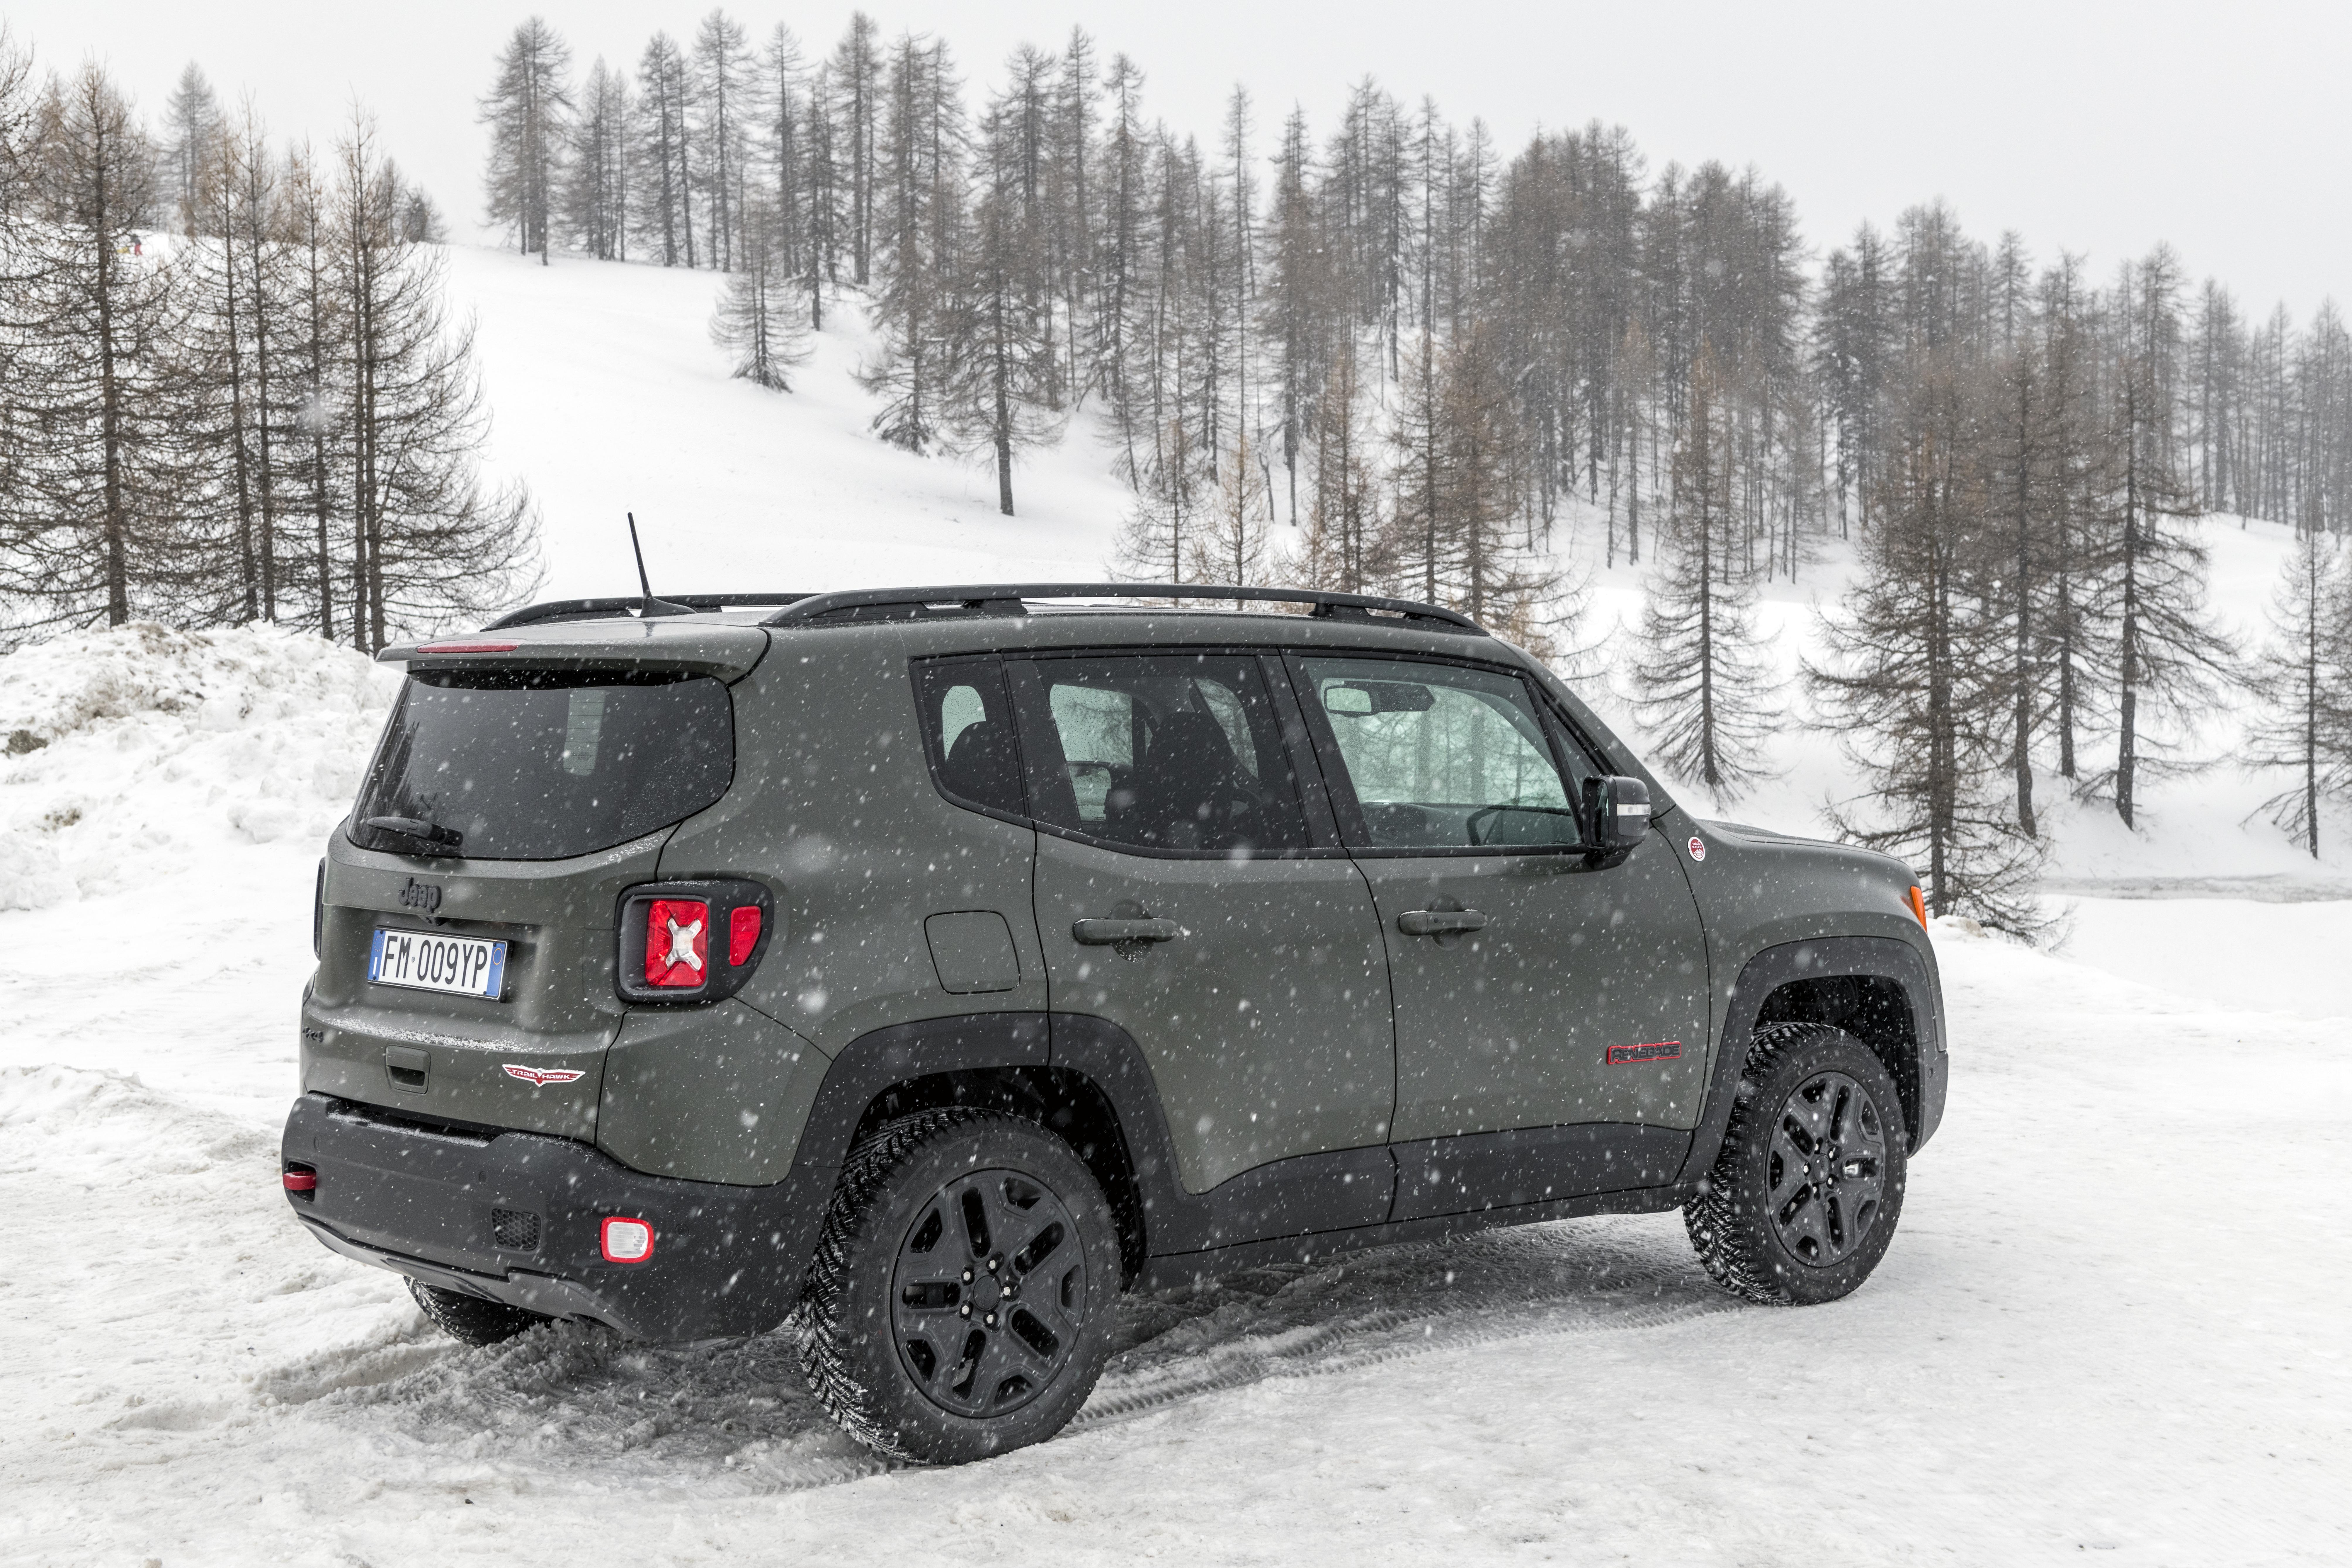 180129_Jeep_Renegade-my18_06 Noul Jeep Renegade 2019 a fost dezvaluit la Salonul Auto de la Torino